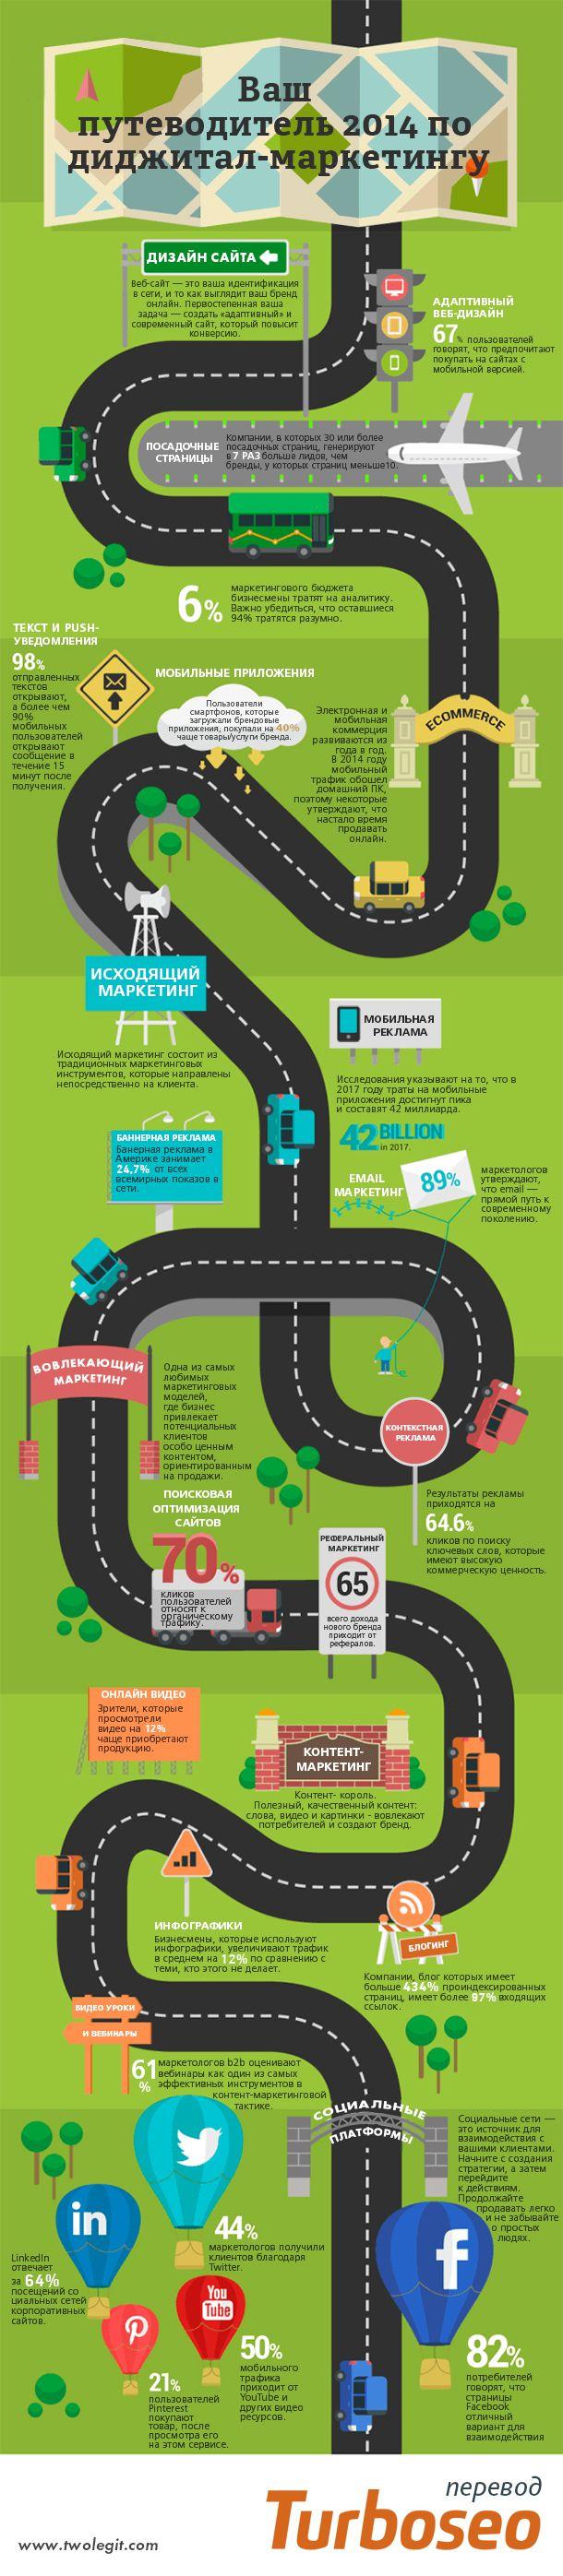 Ваш путеводитель 2014 по диджитал-маркетингу [Инфографика]